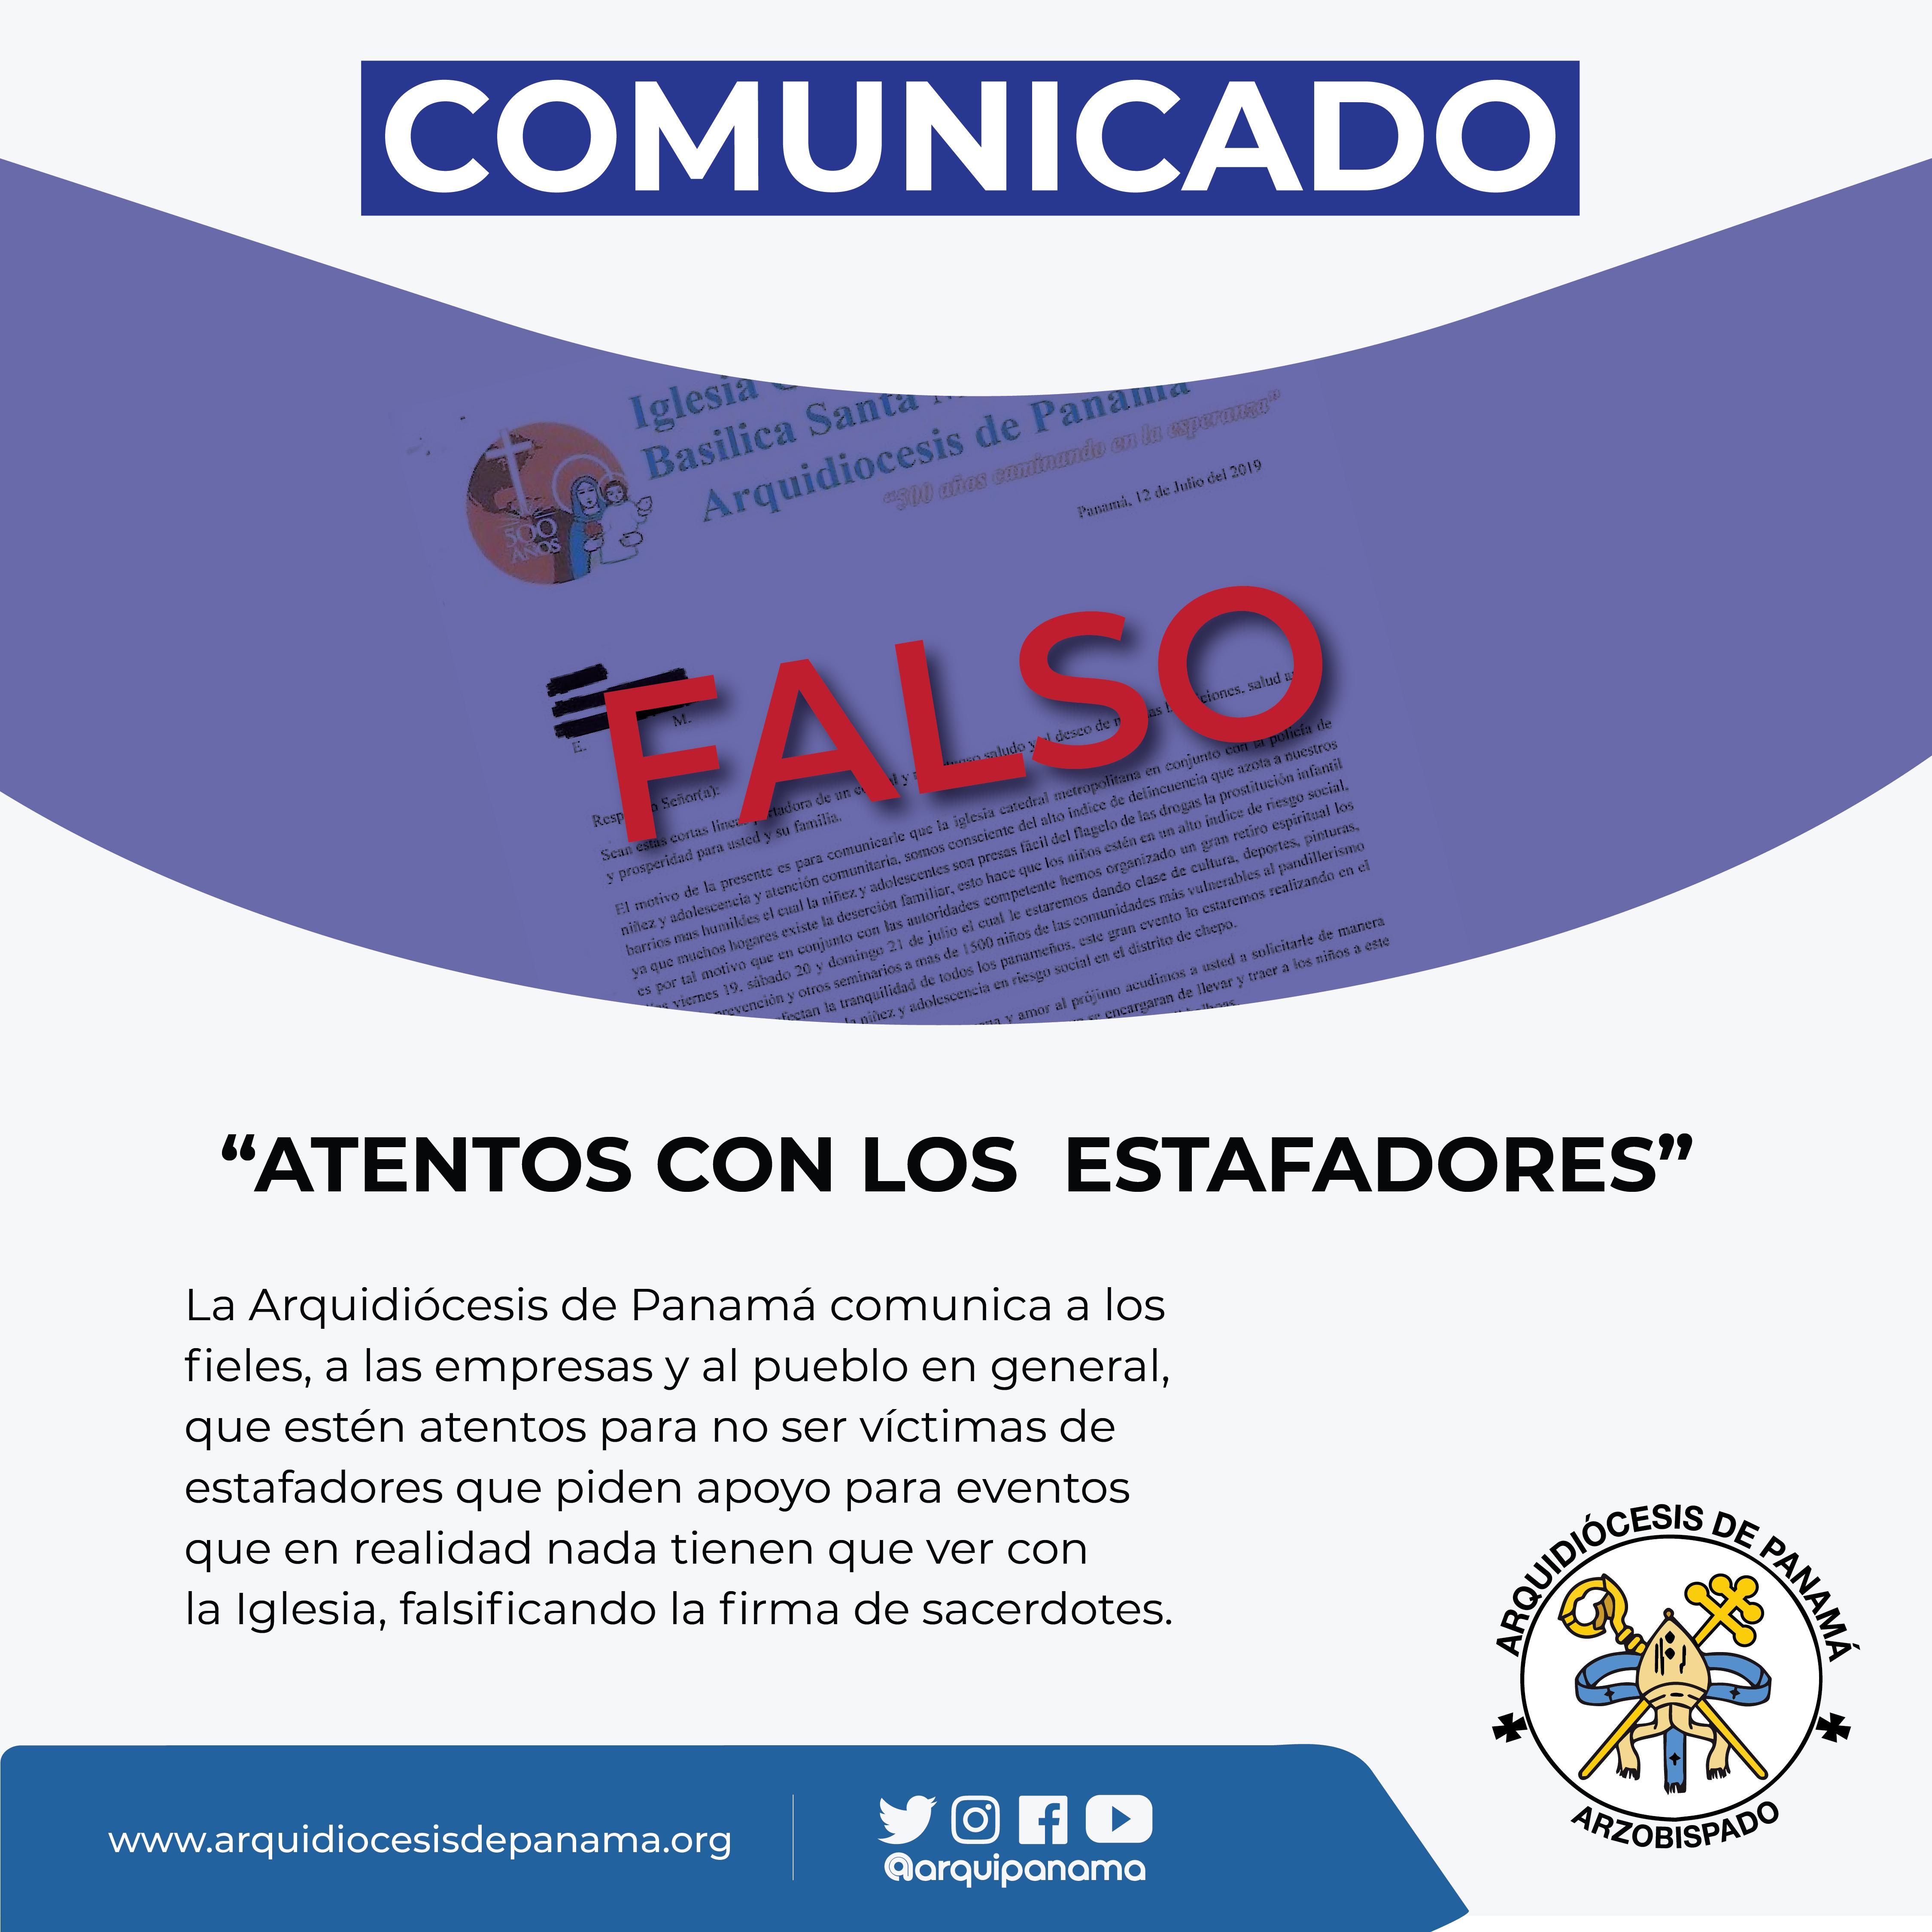 COMUNICADO DE LA OFICINA DE COMUNICACIÓN Y PRENSA